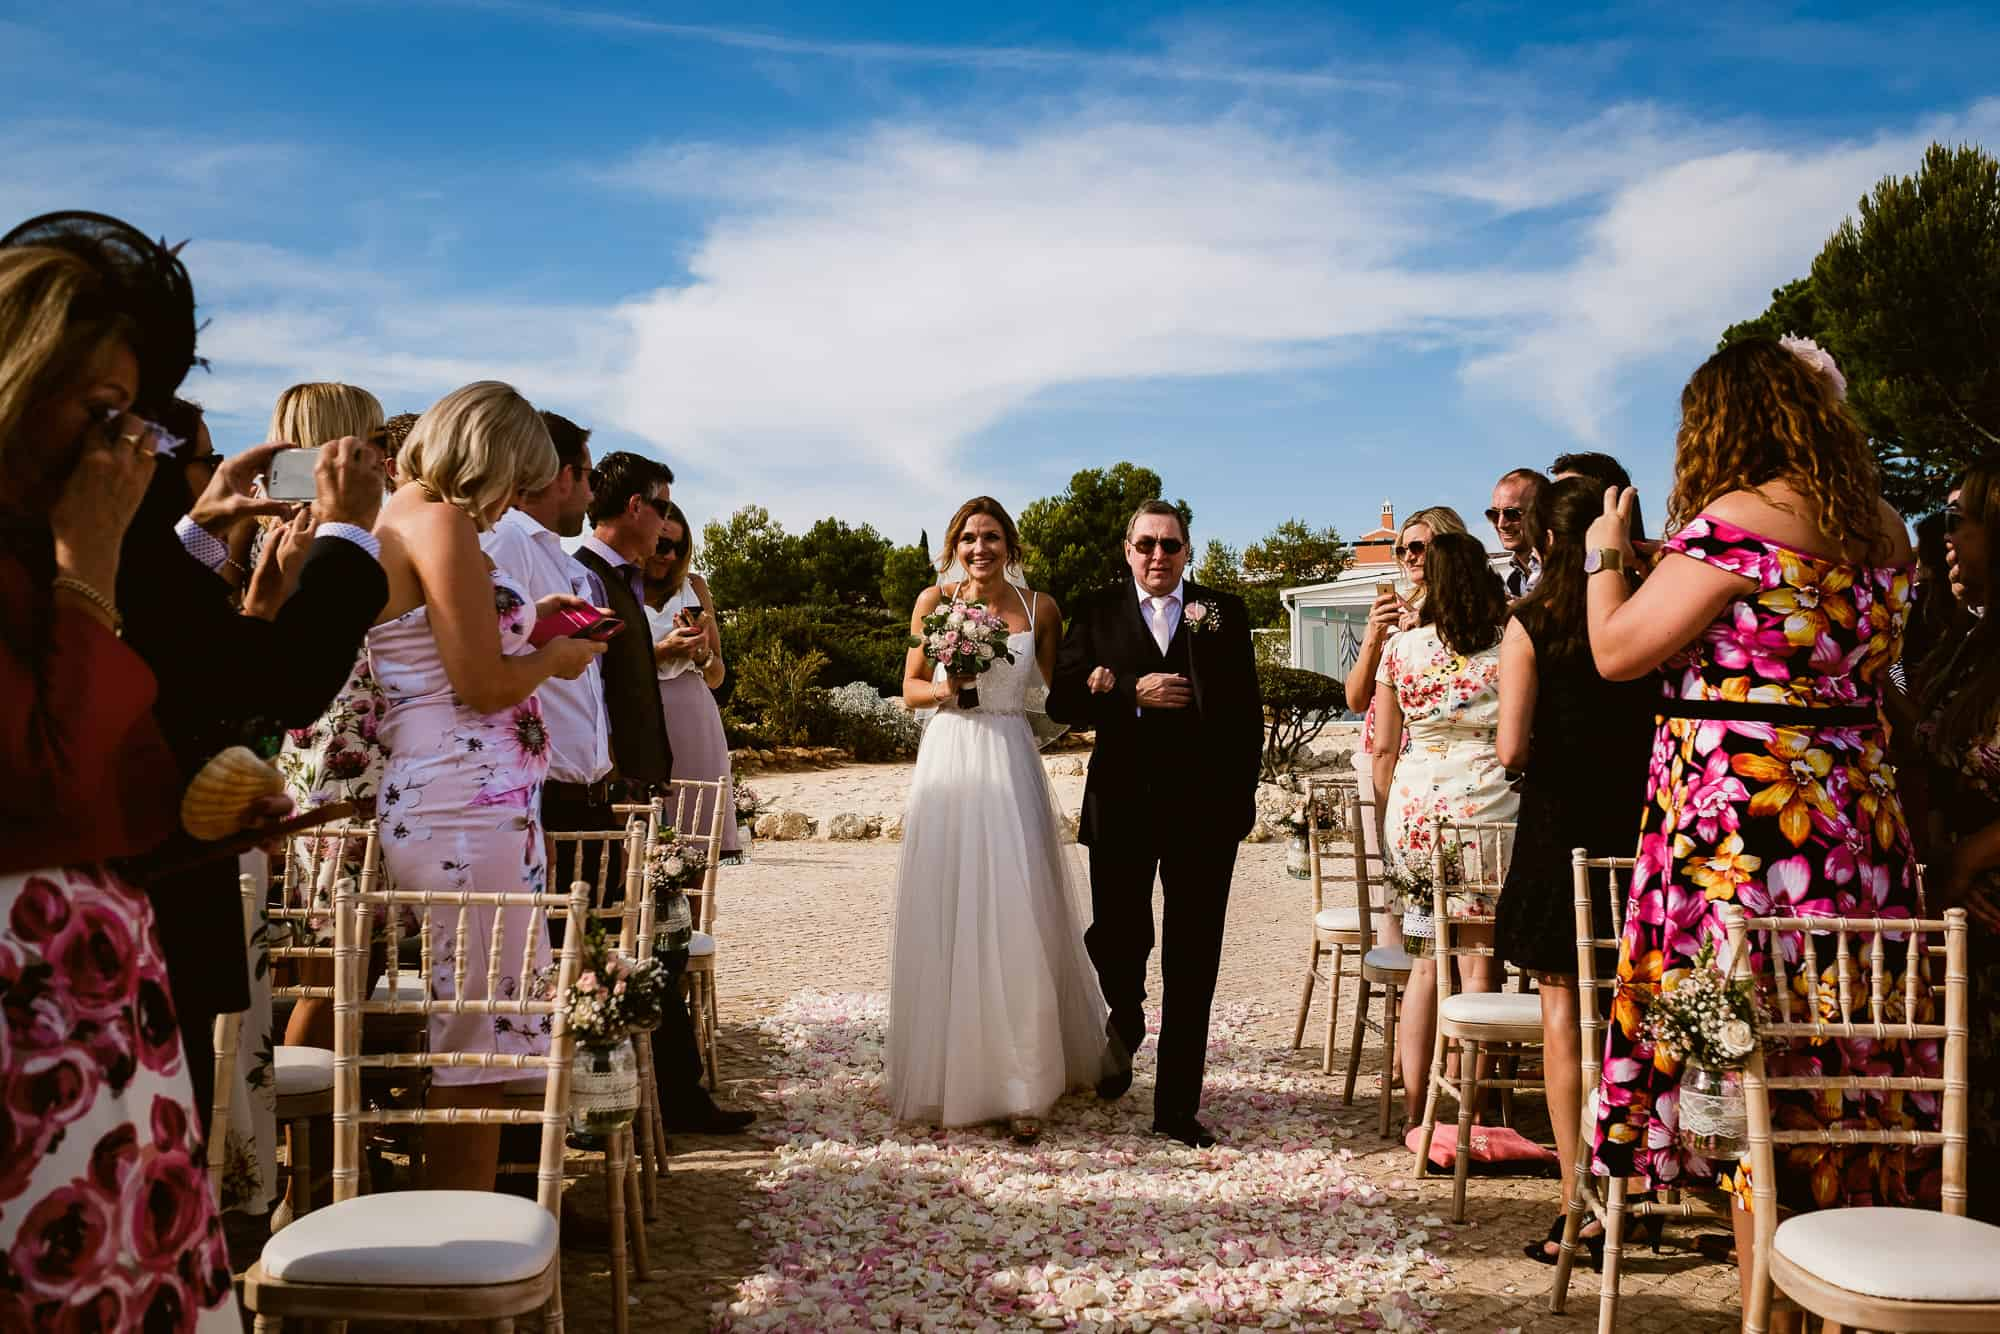 algarve-wedding-photographer-matt-tyler-0033